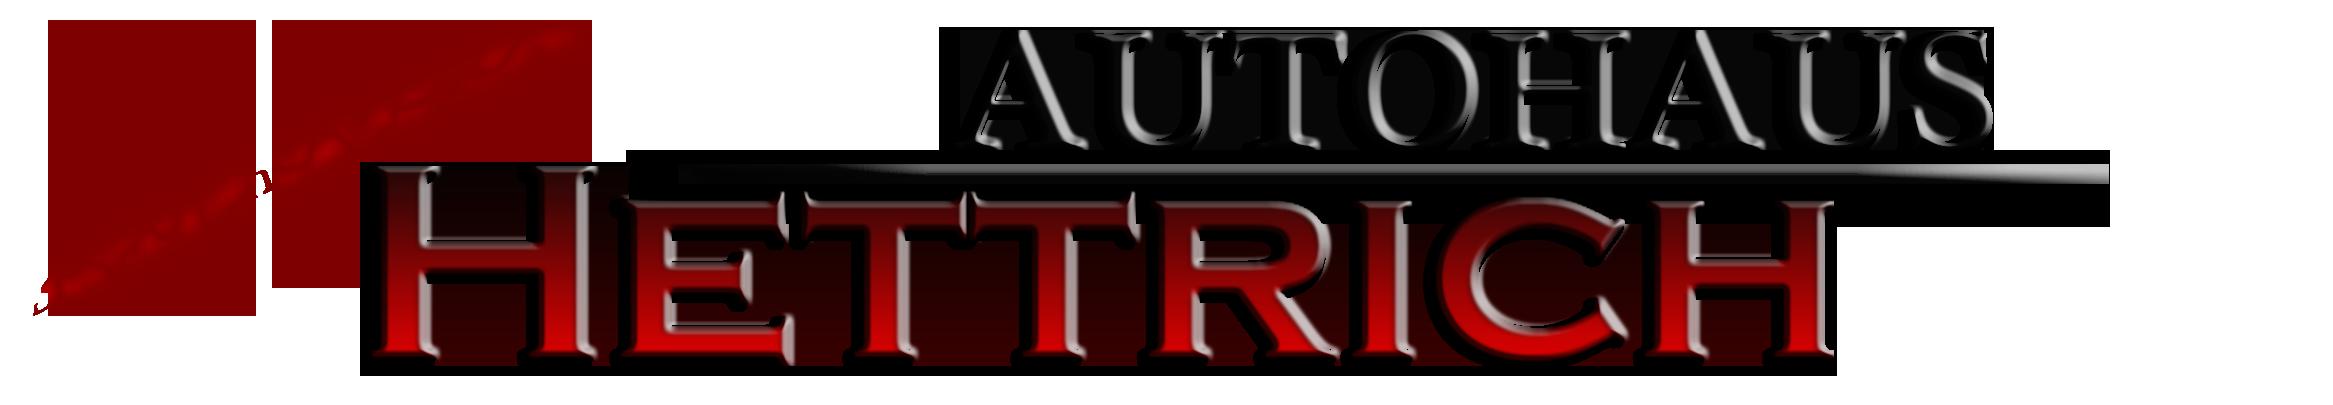 Auto Hettrich